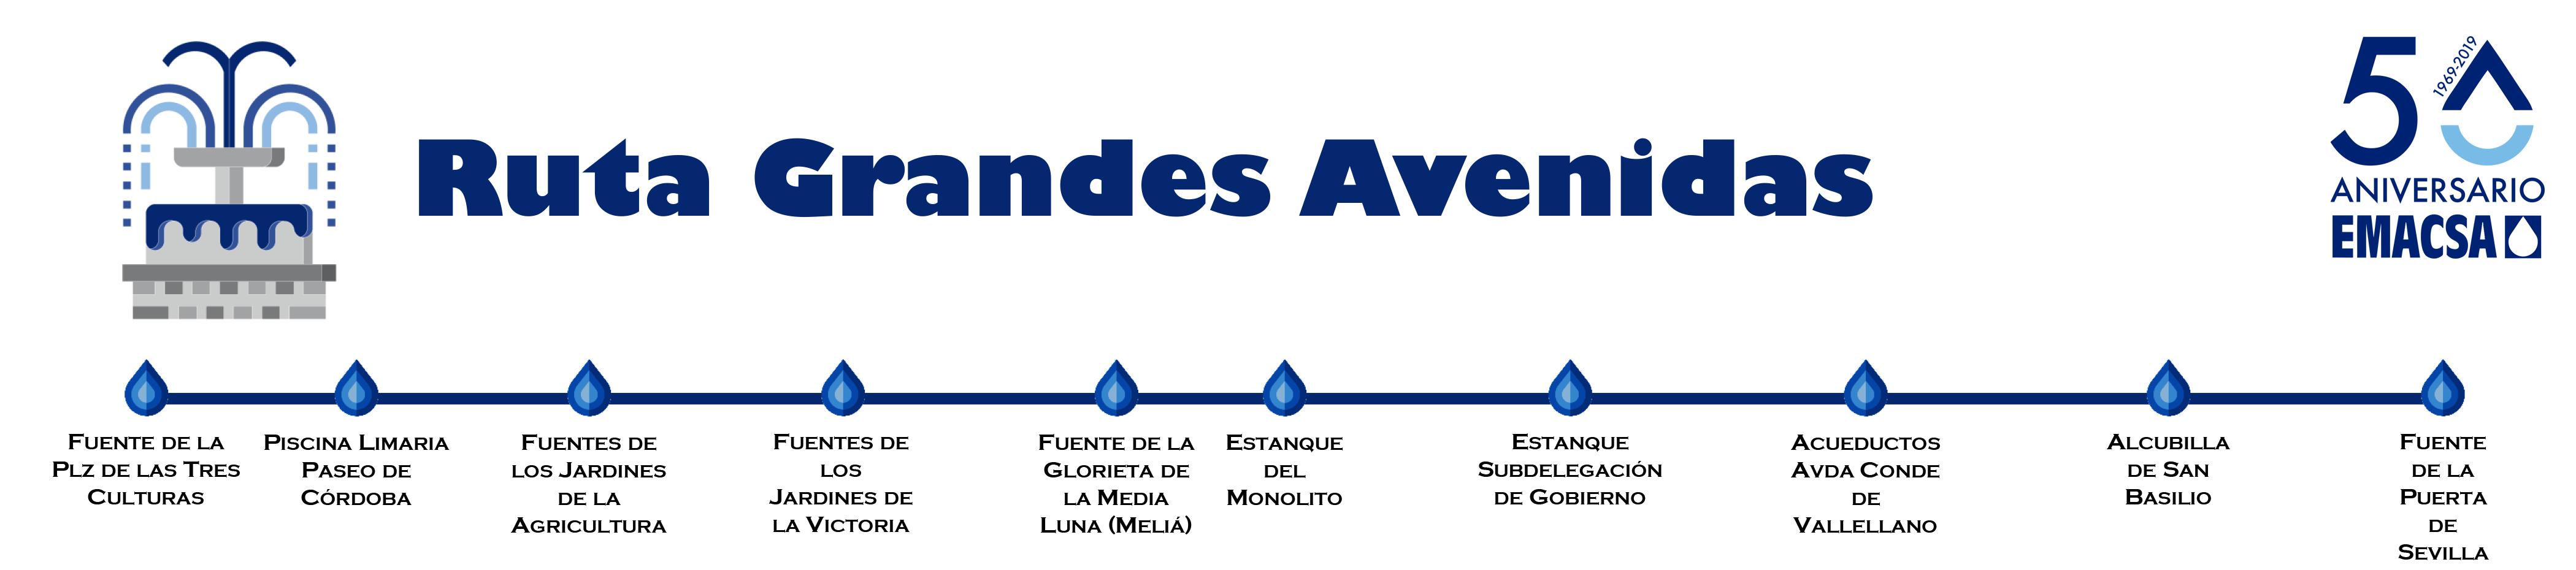 Itinerario ruta grandes avenidas